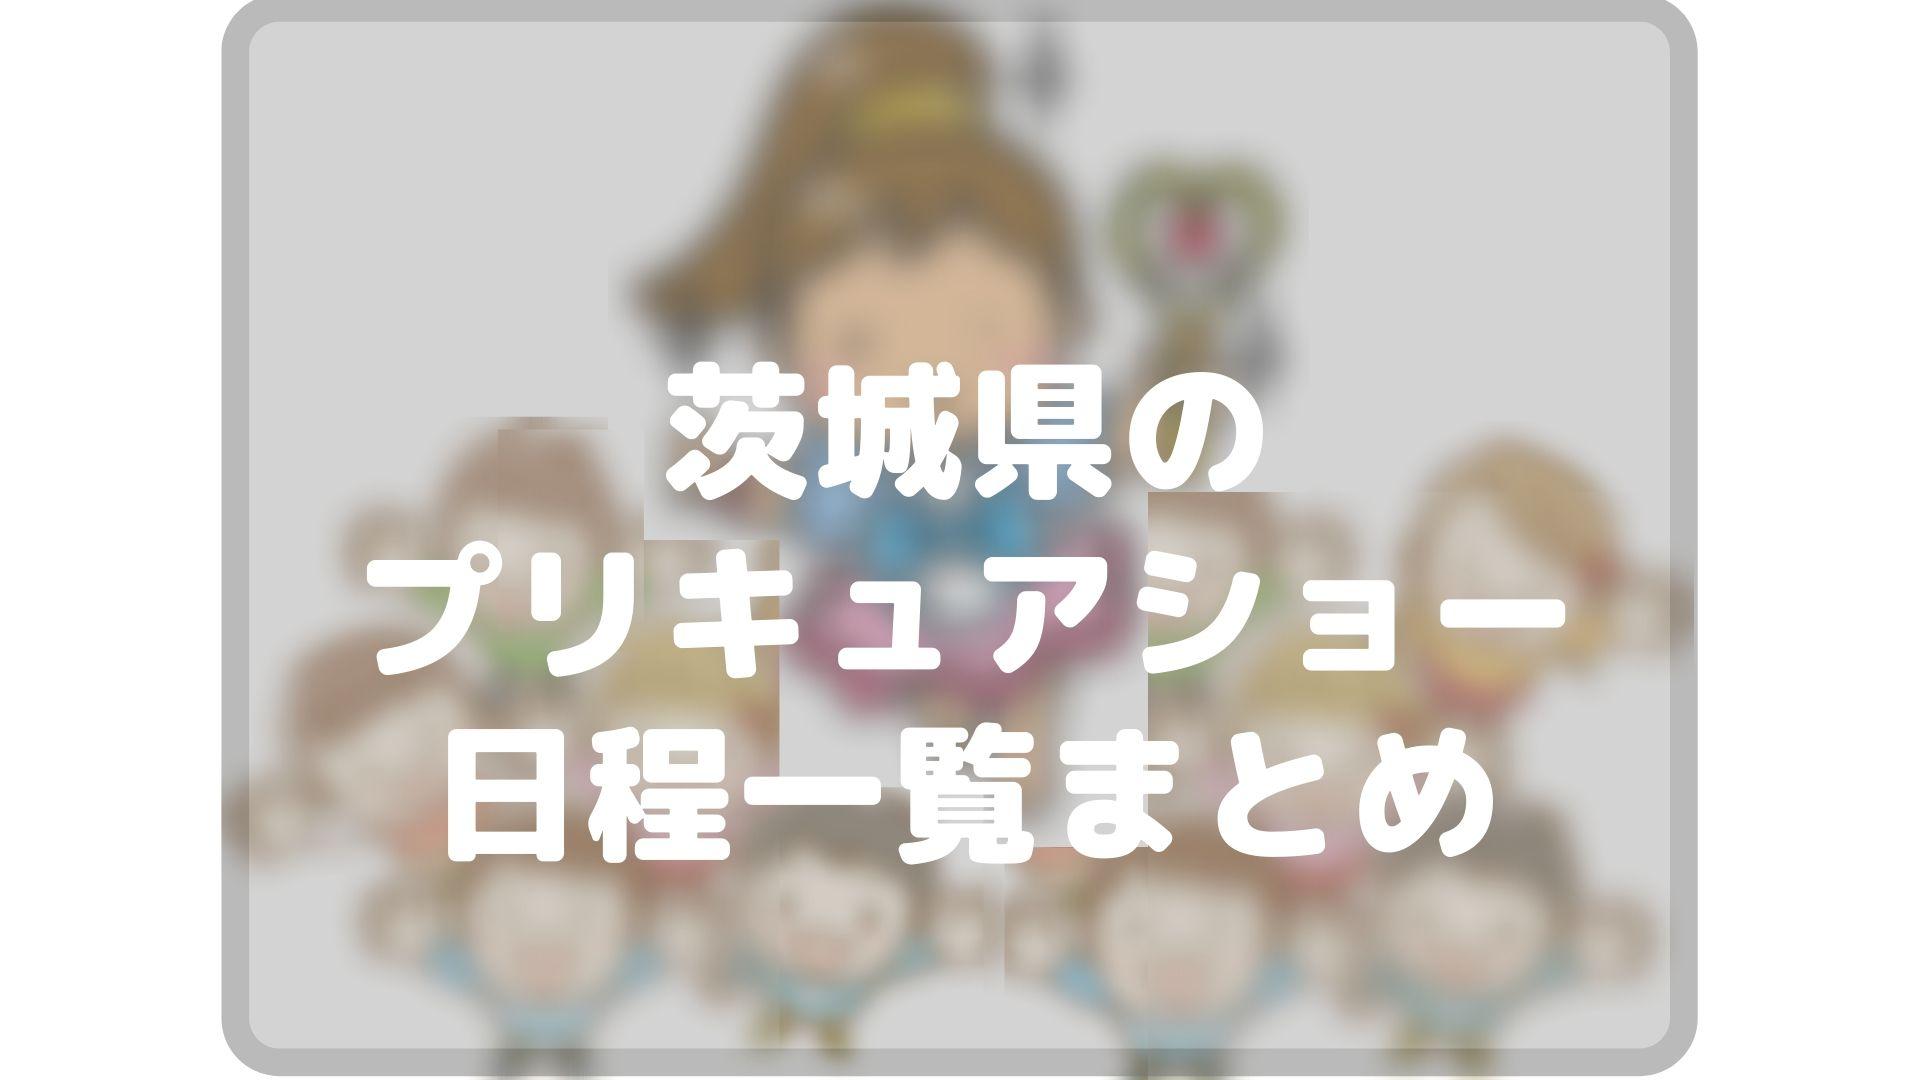 茨城県のプリキュアショーまとめタイトル画像